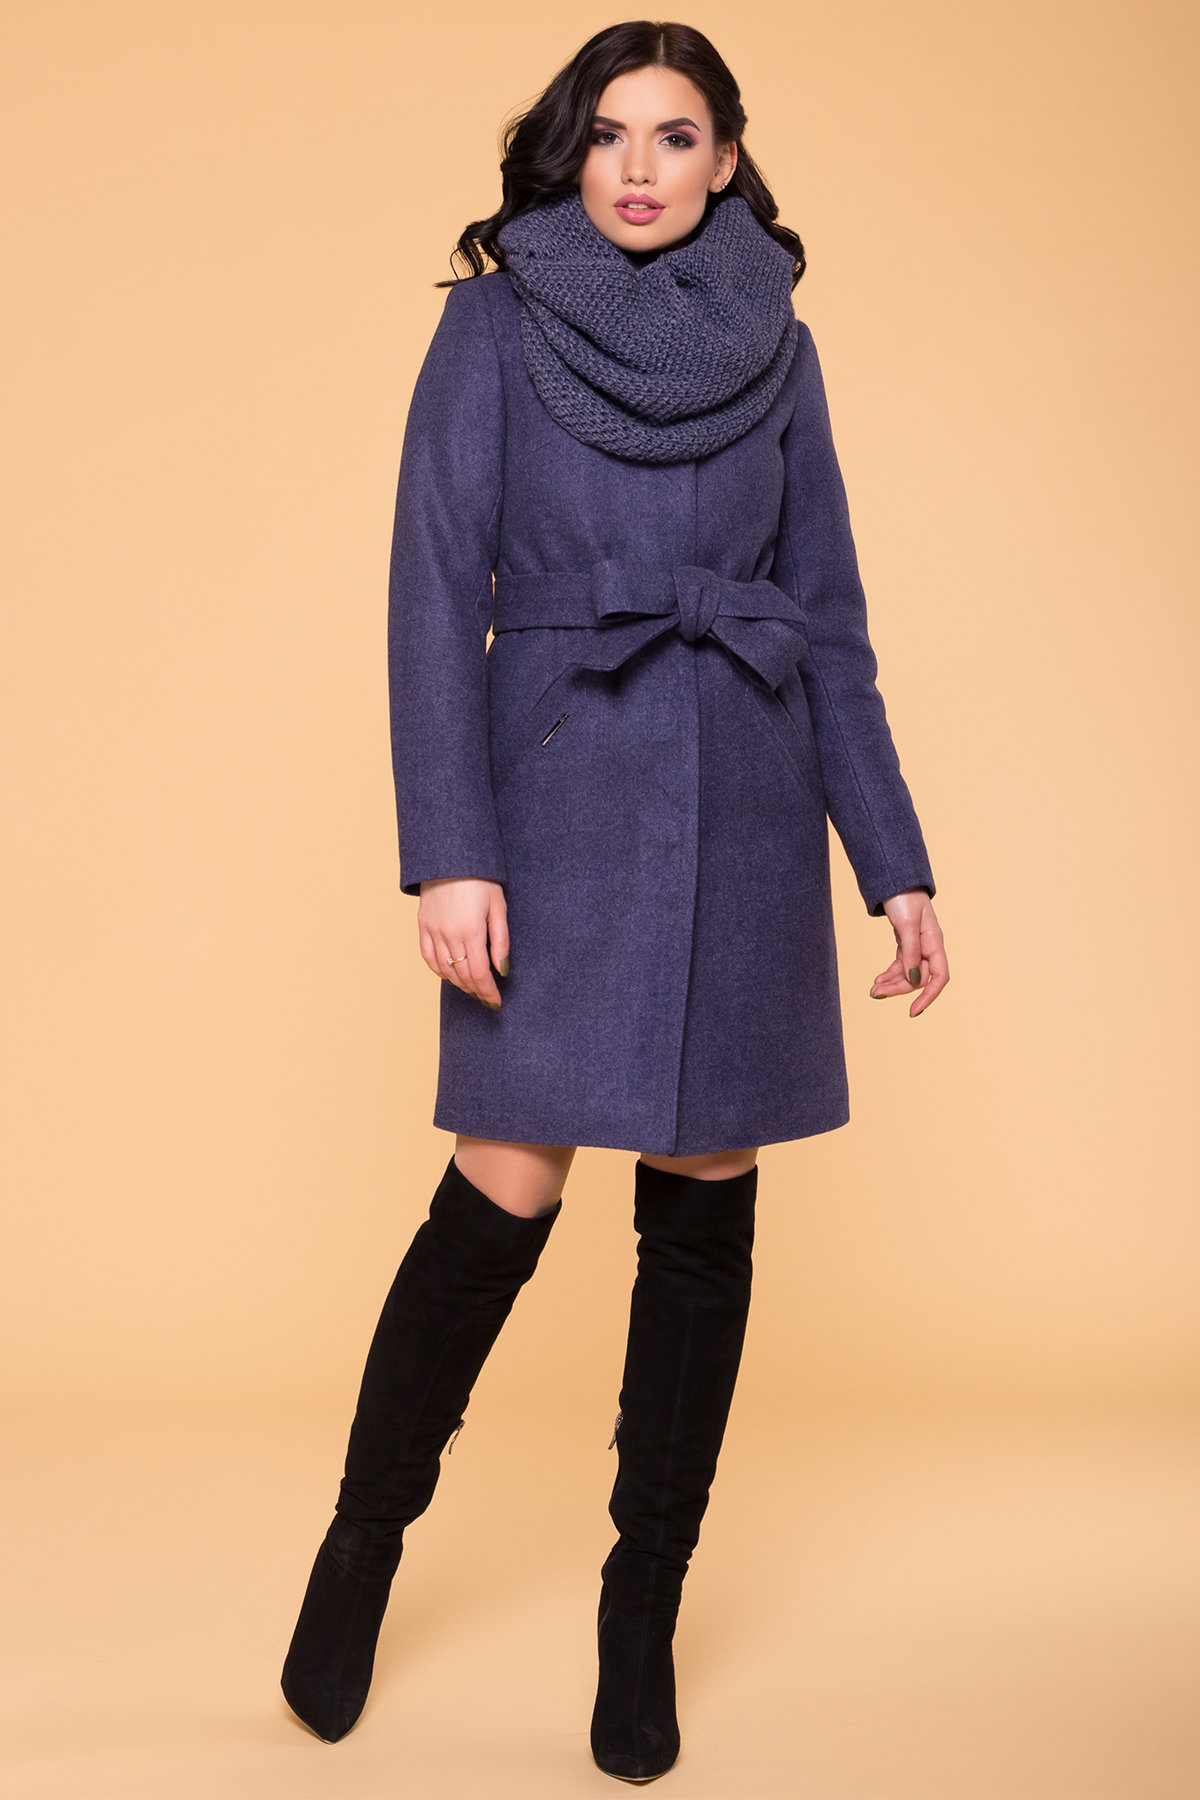 Купить женское зимнее пальто в Украине Modus Пальто зима (шарф-хомут в комплекте) Люцея 5884